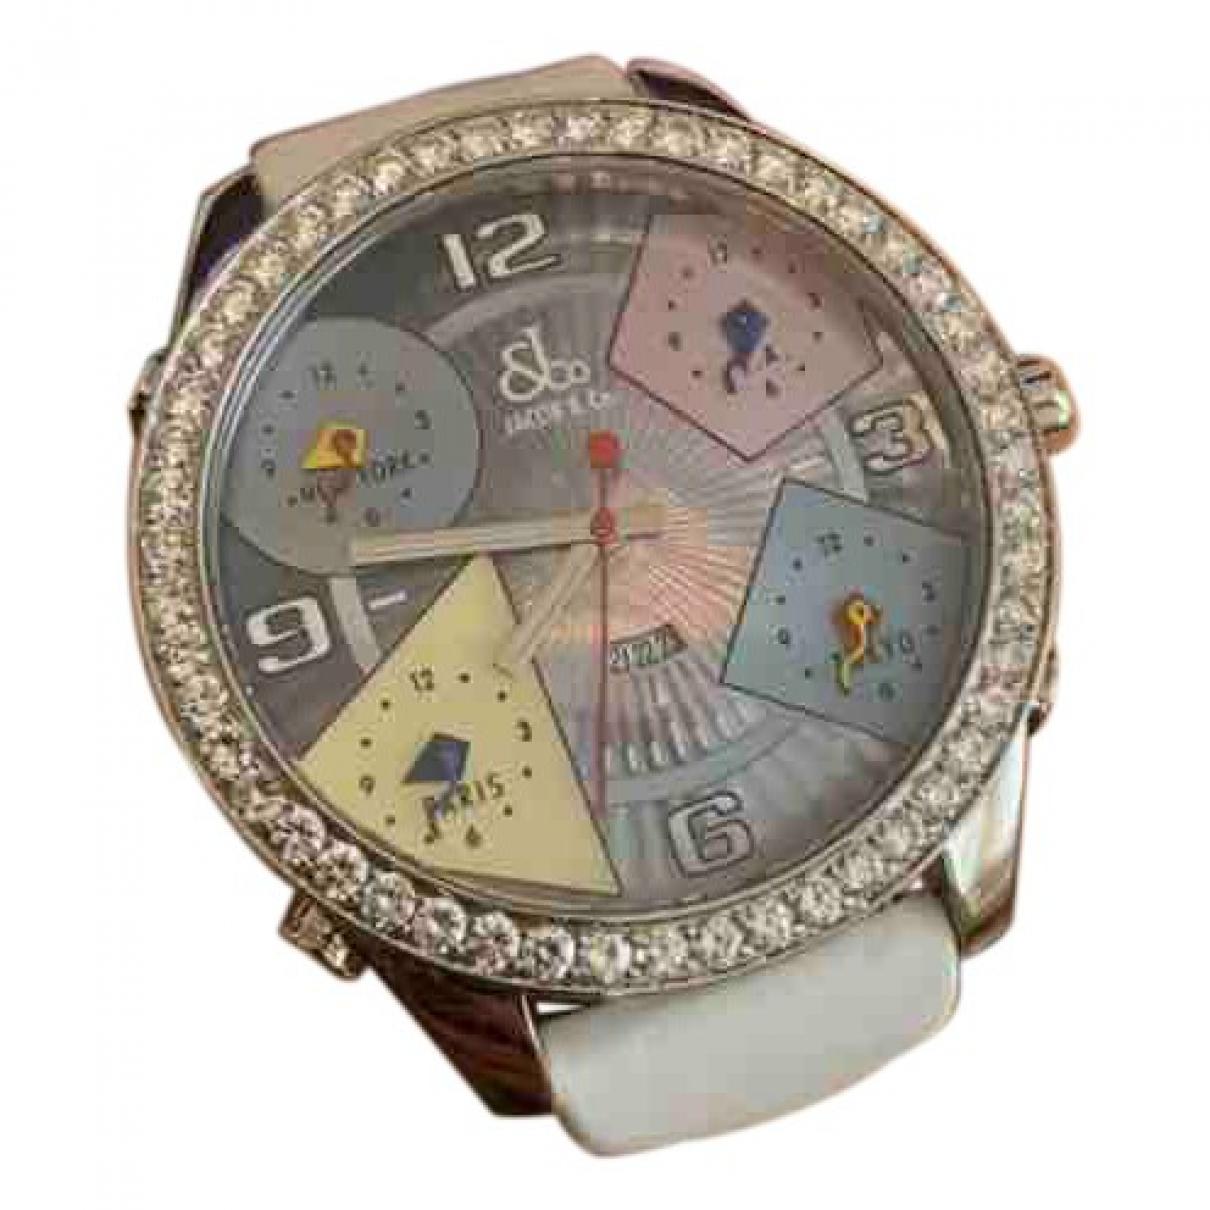 Reloj Five Time Zone Jacob & Co